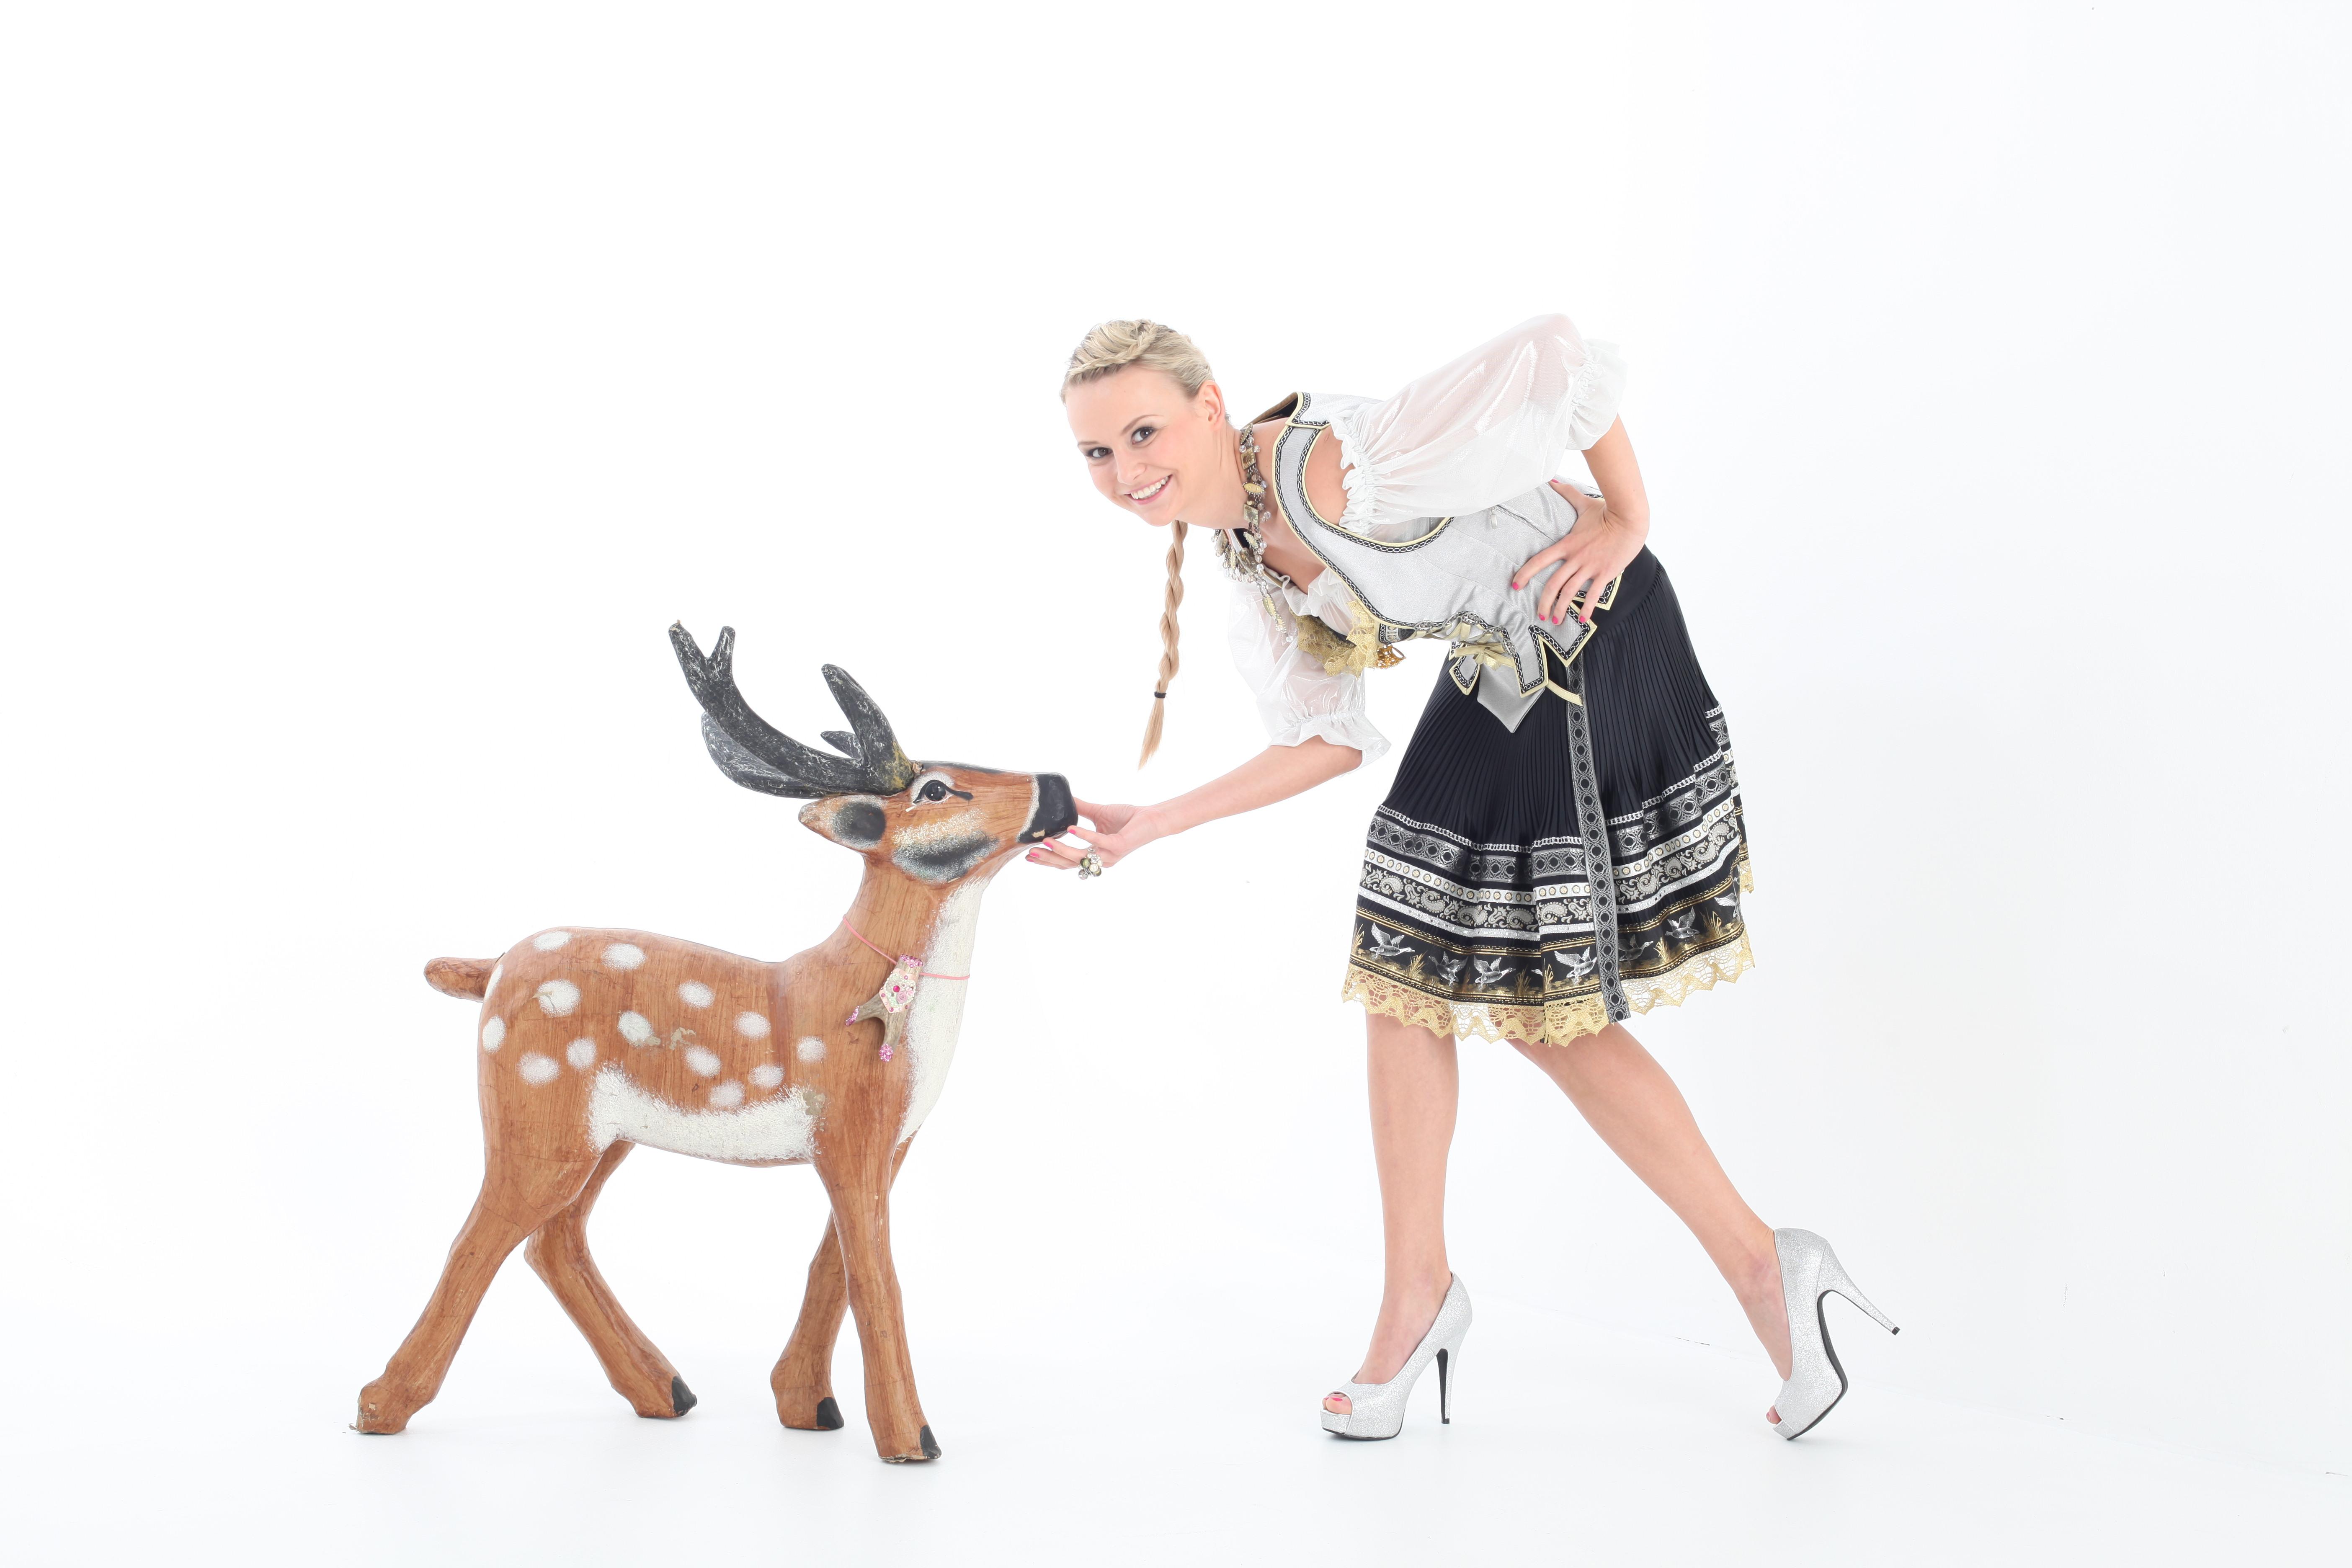 DIRNDLPUNK Trachten, München – Mode die opulent, prachtvoll und erfrischend anders ist